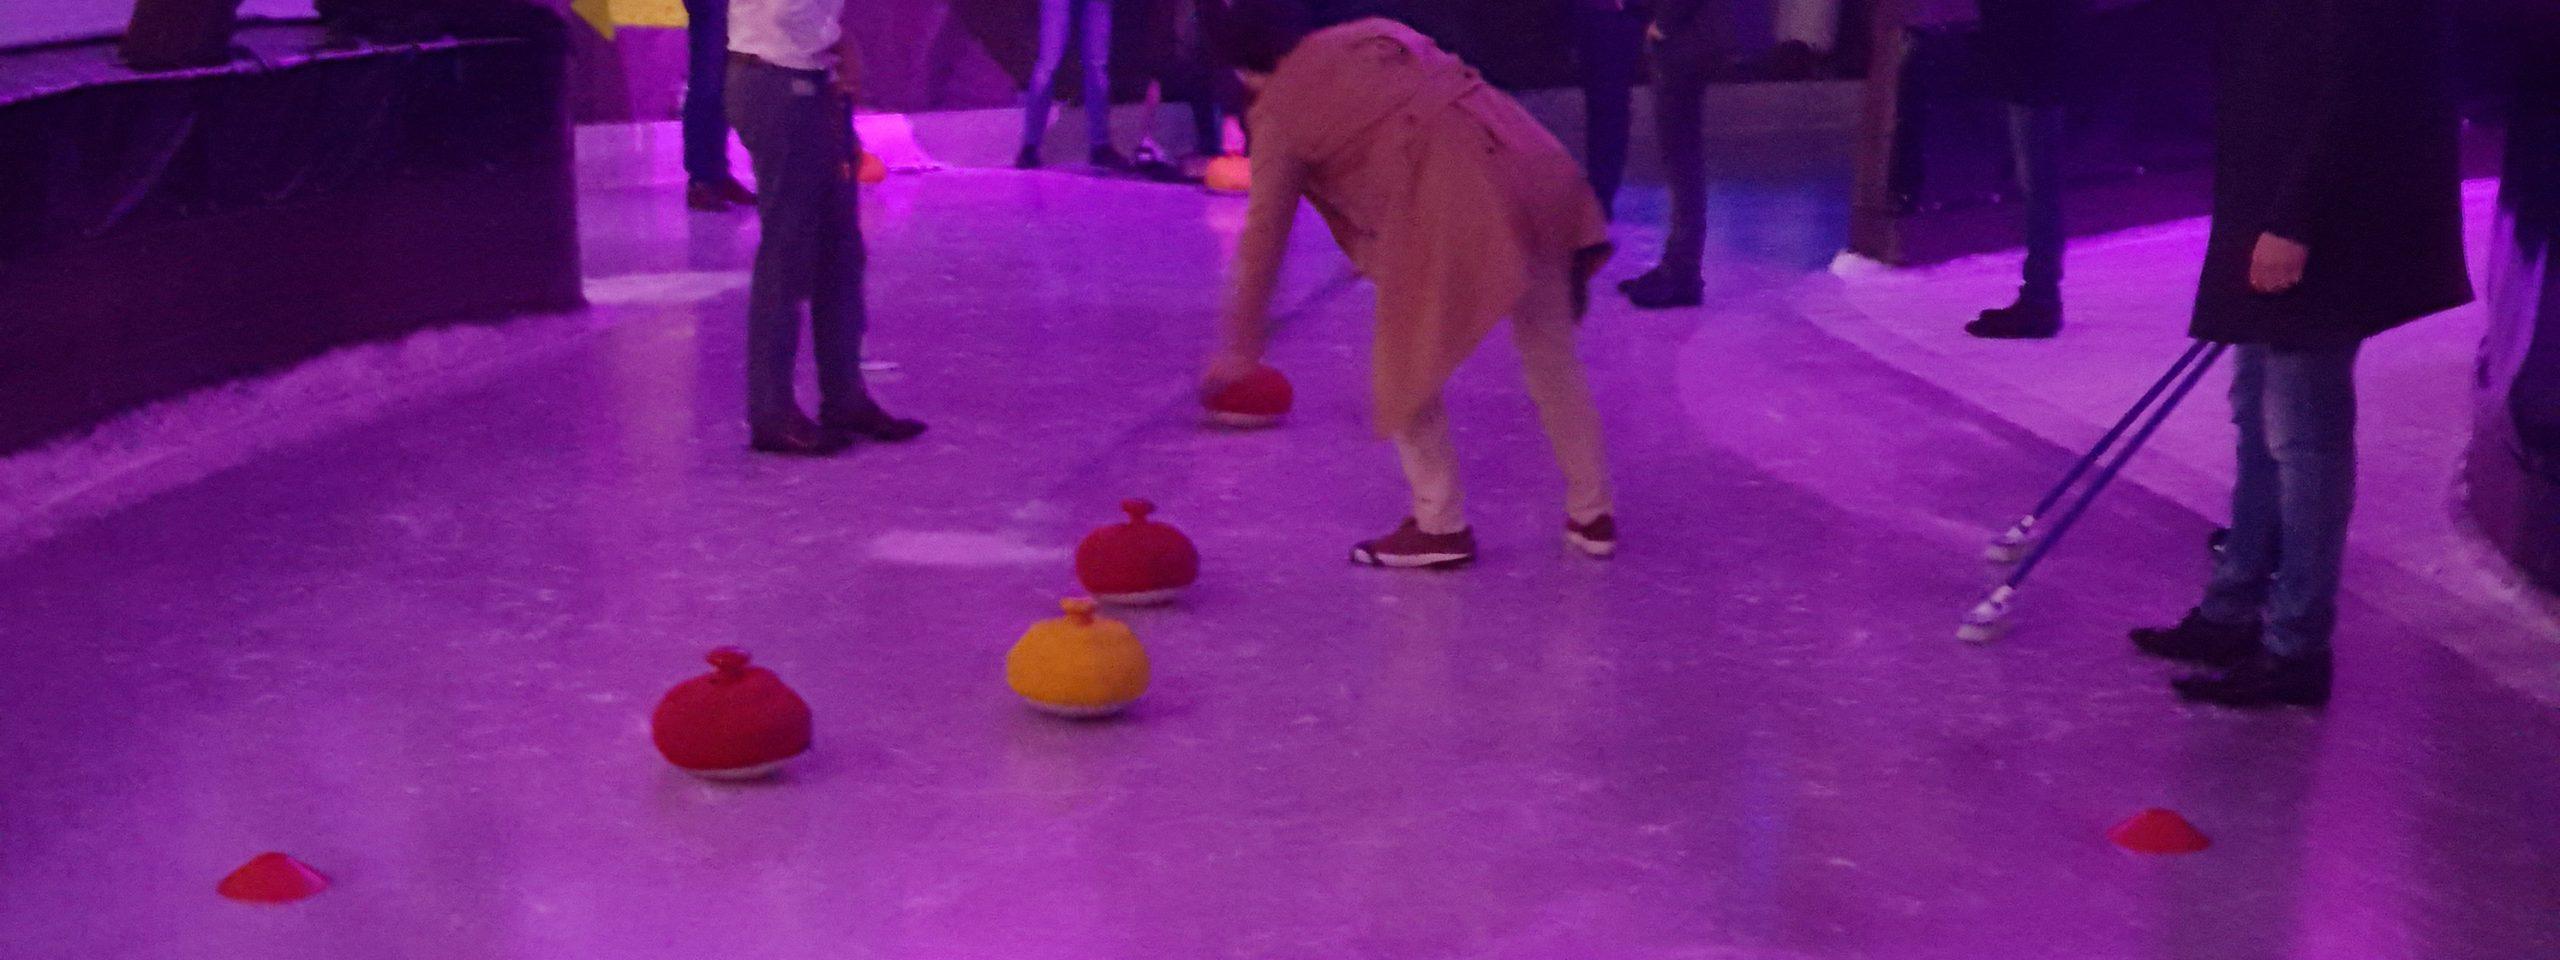 teamuitje-den-bosch-workshop-curling